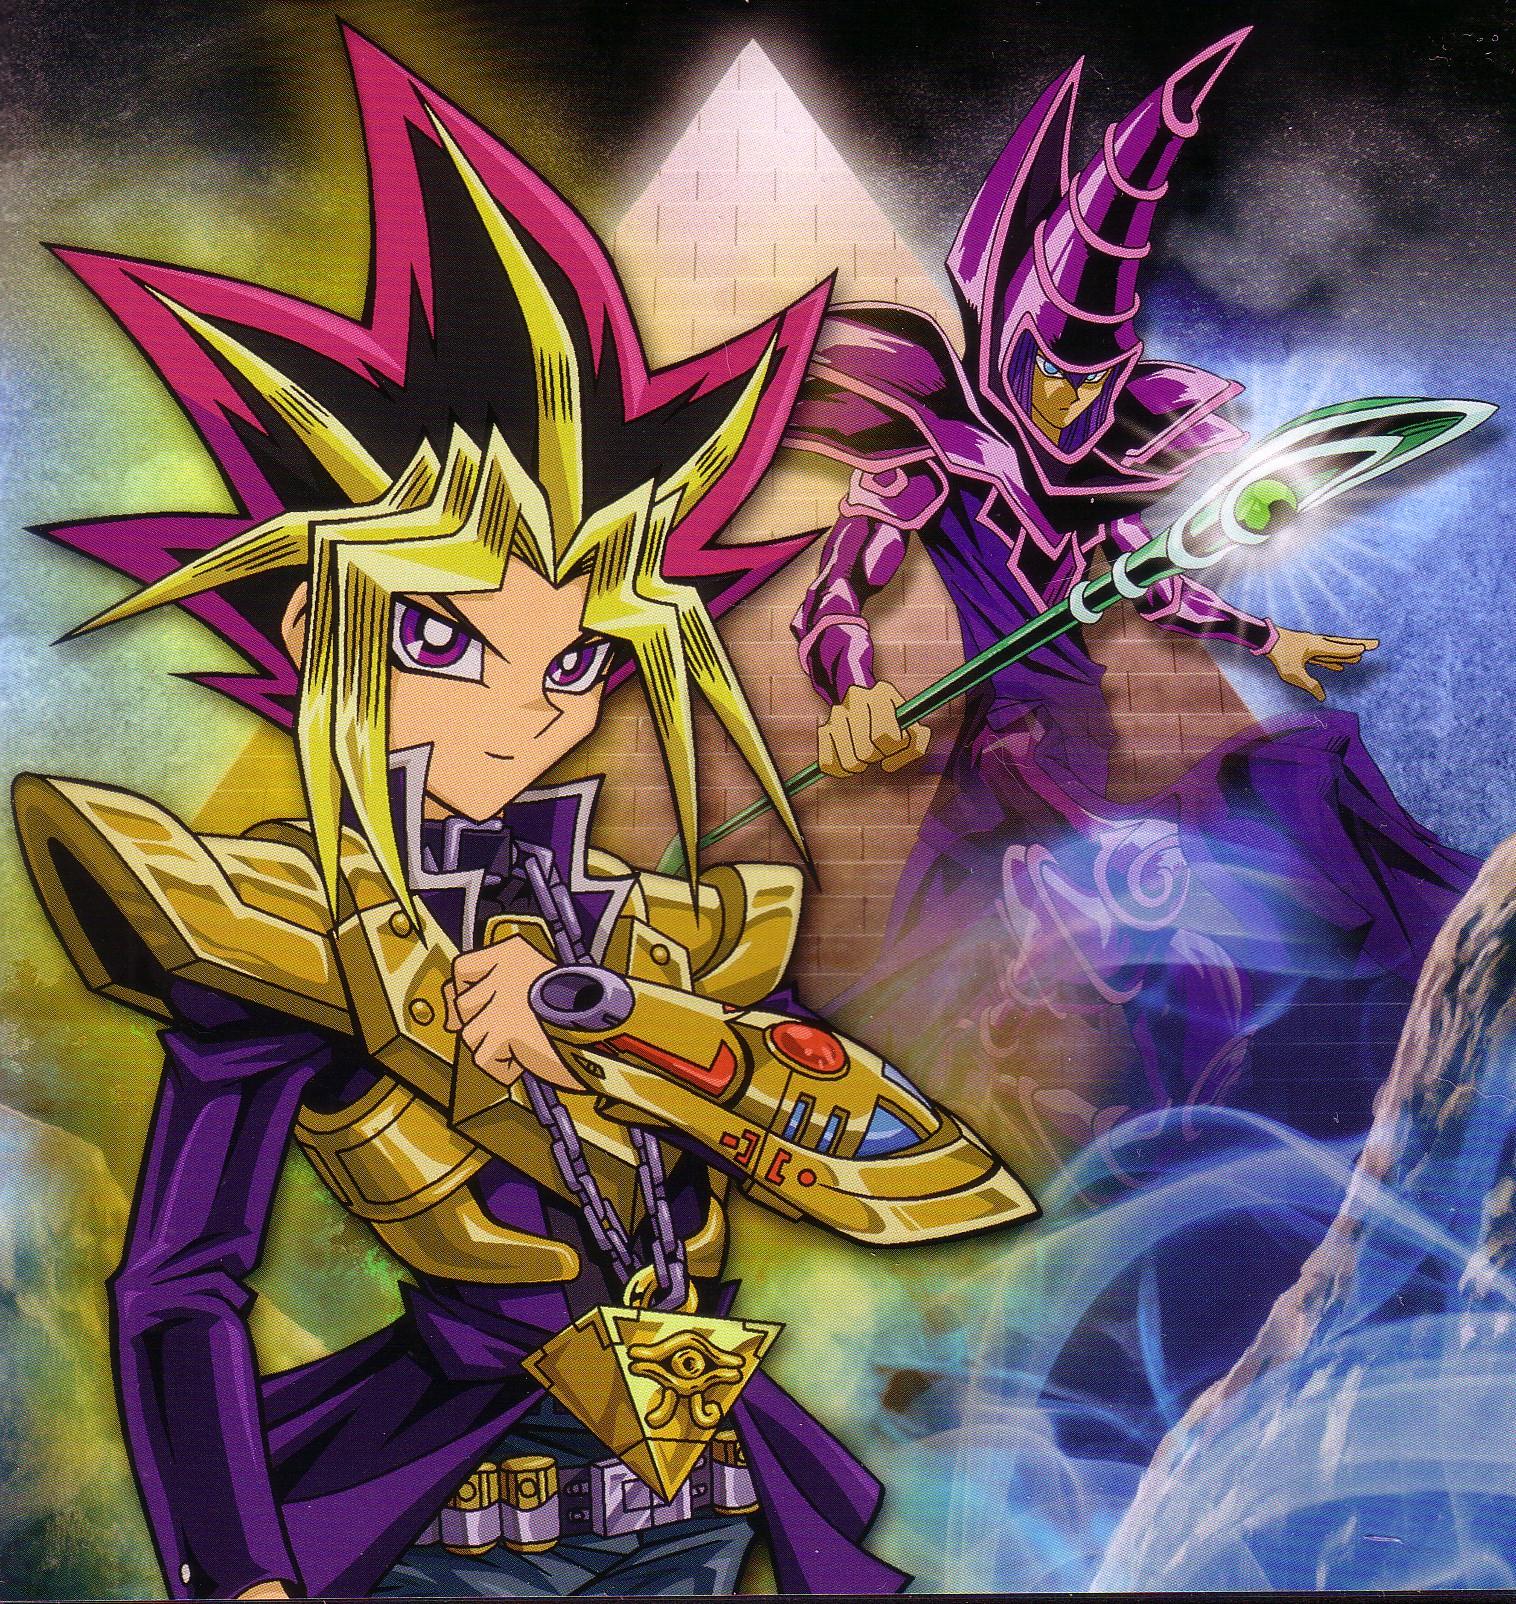 yu gi oh duel monsters image 1735743 zerochan anime image board